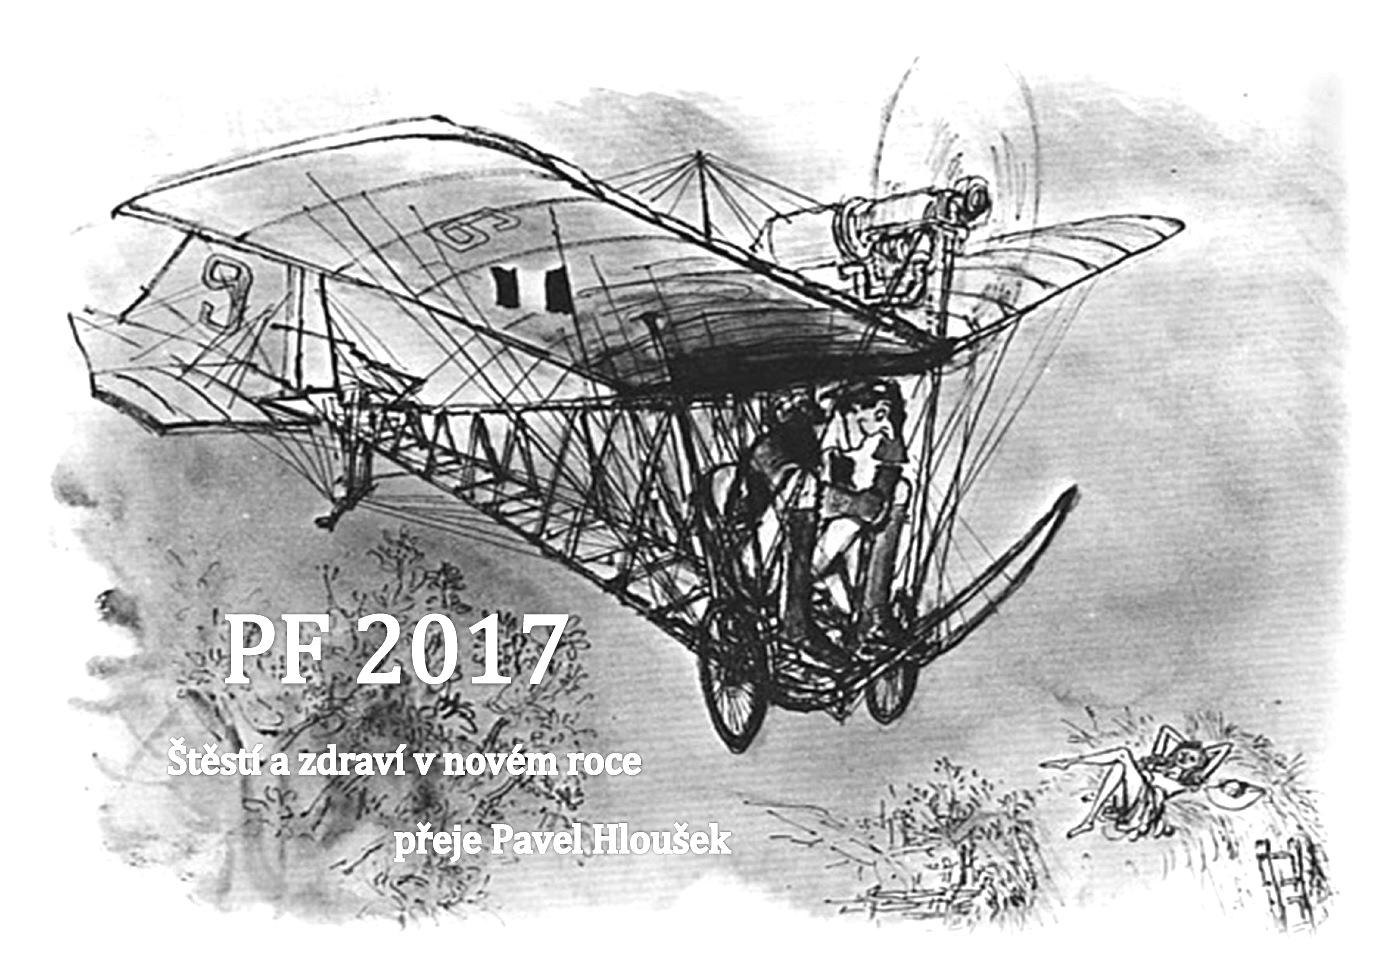 pf2017.jpg